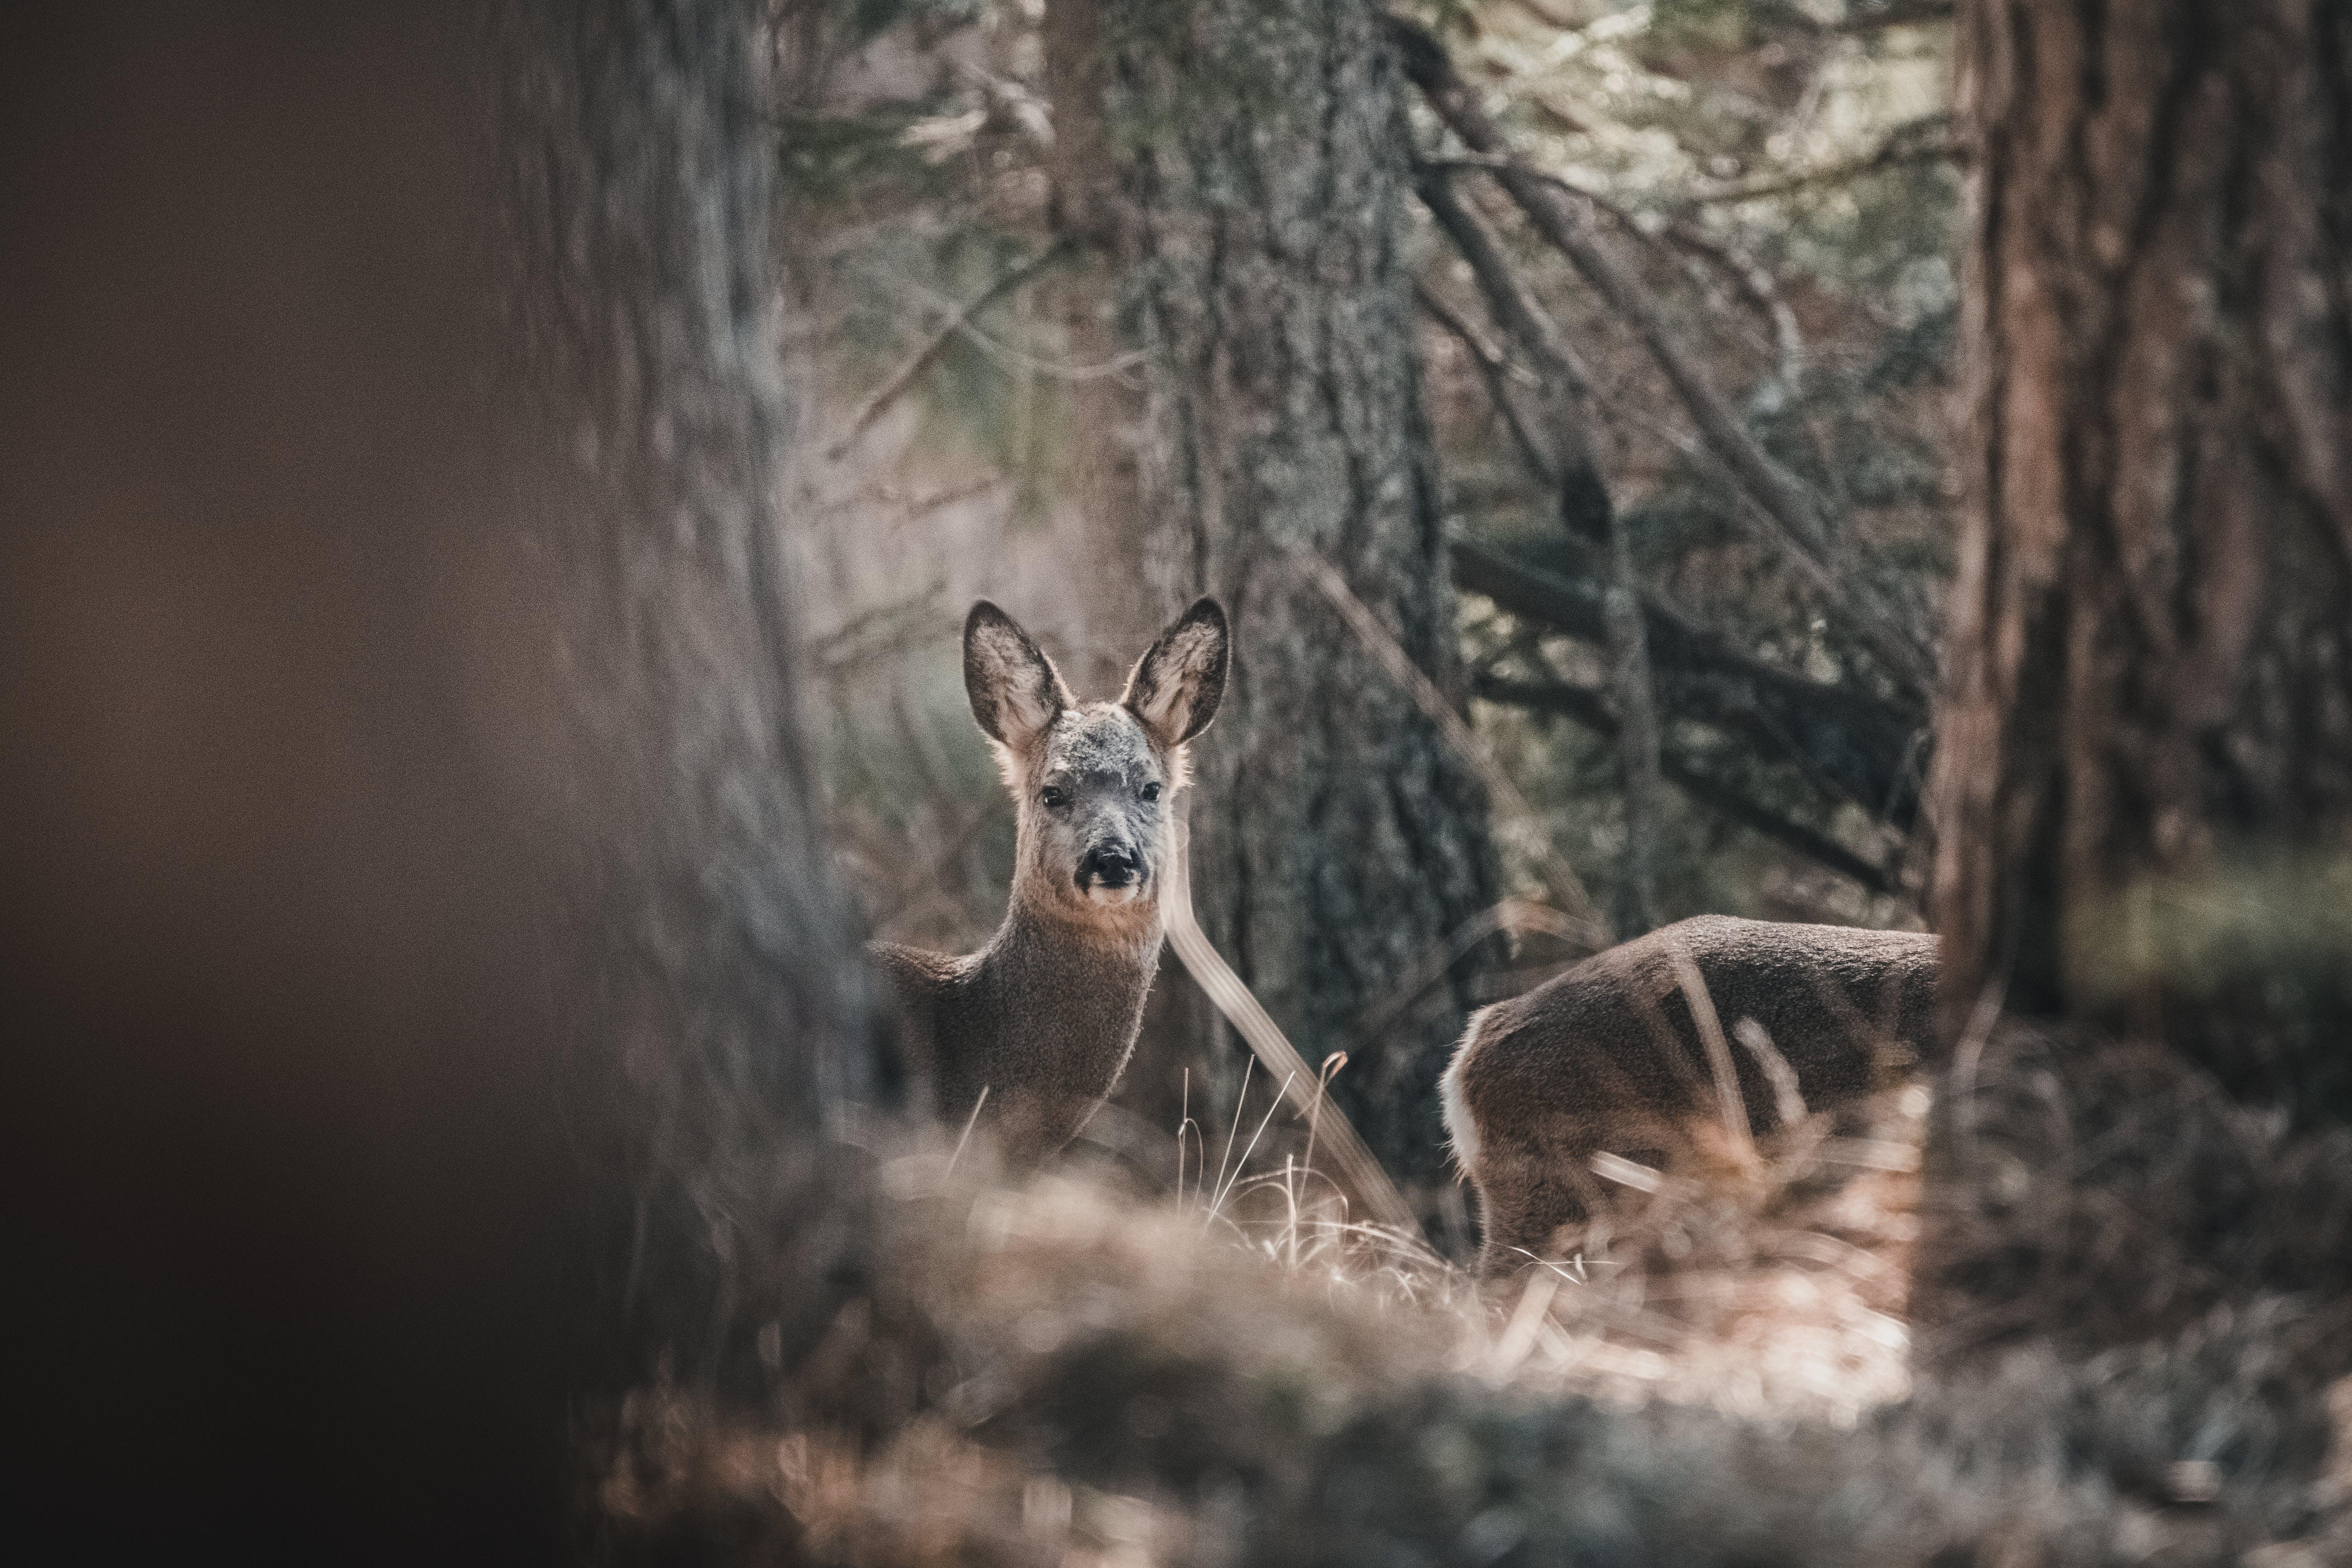 パーク, フォーカス, 動物, 動物の写真の無料の写真素材